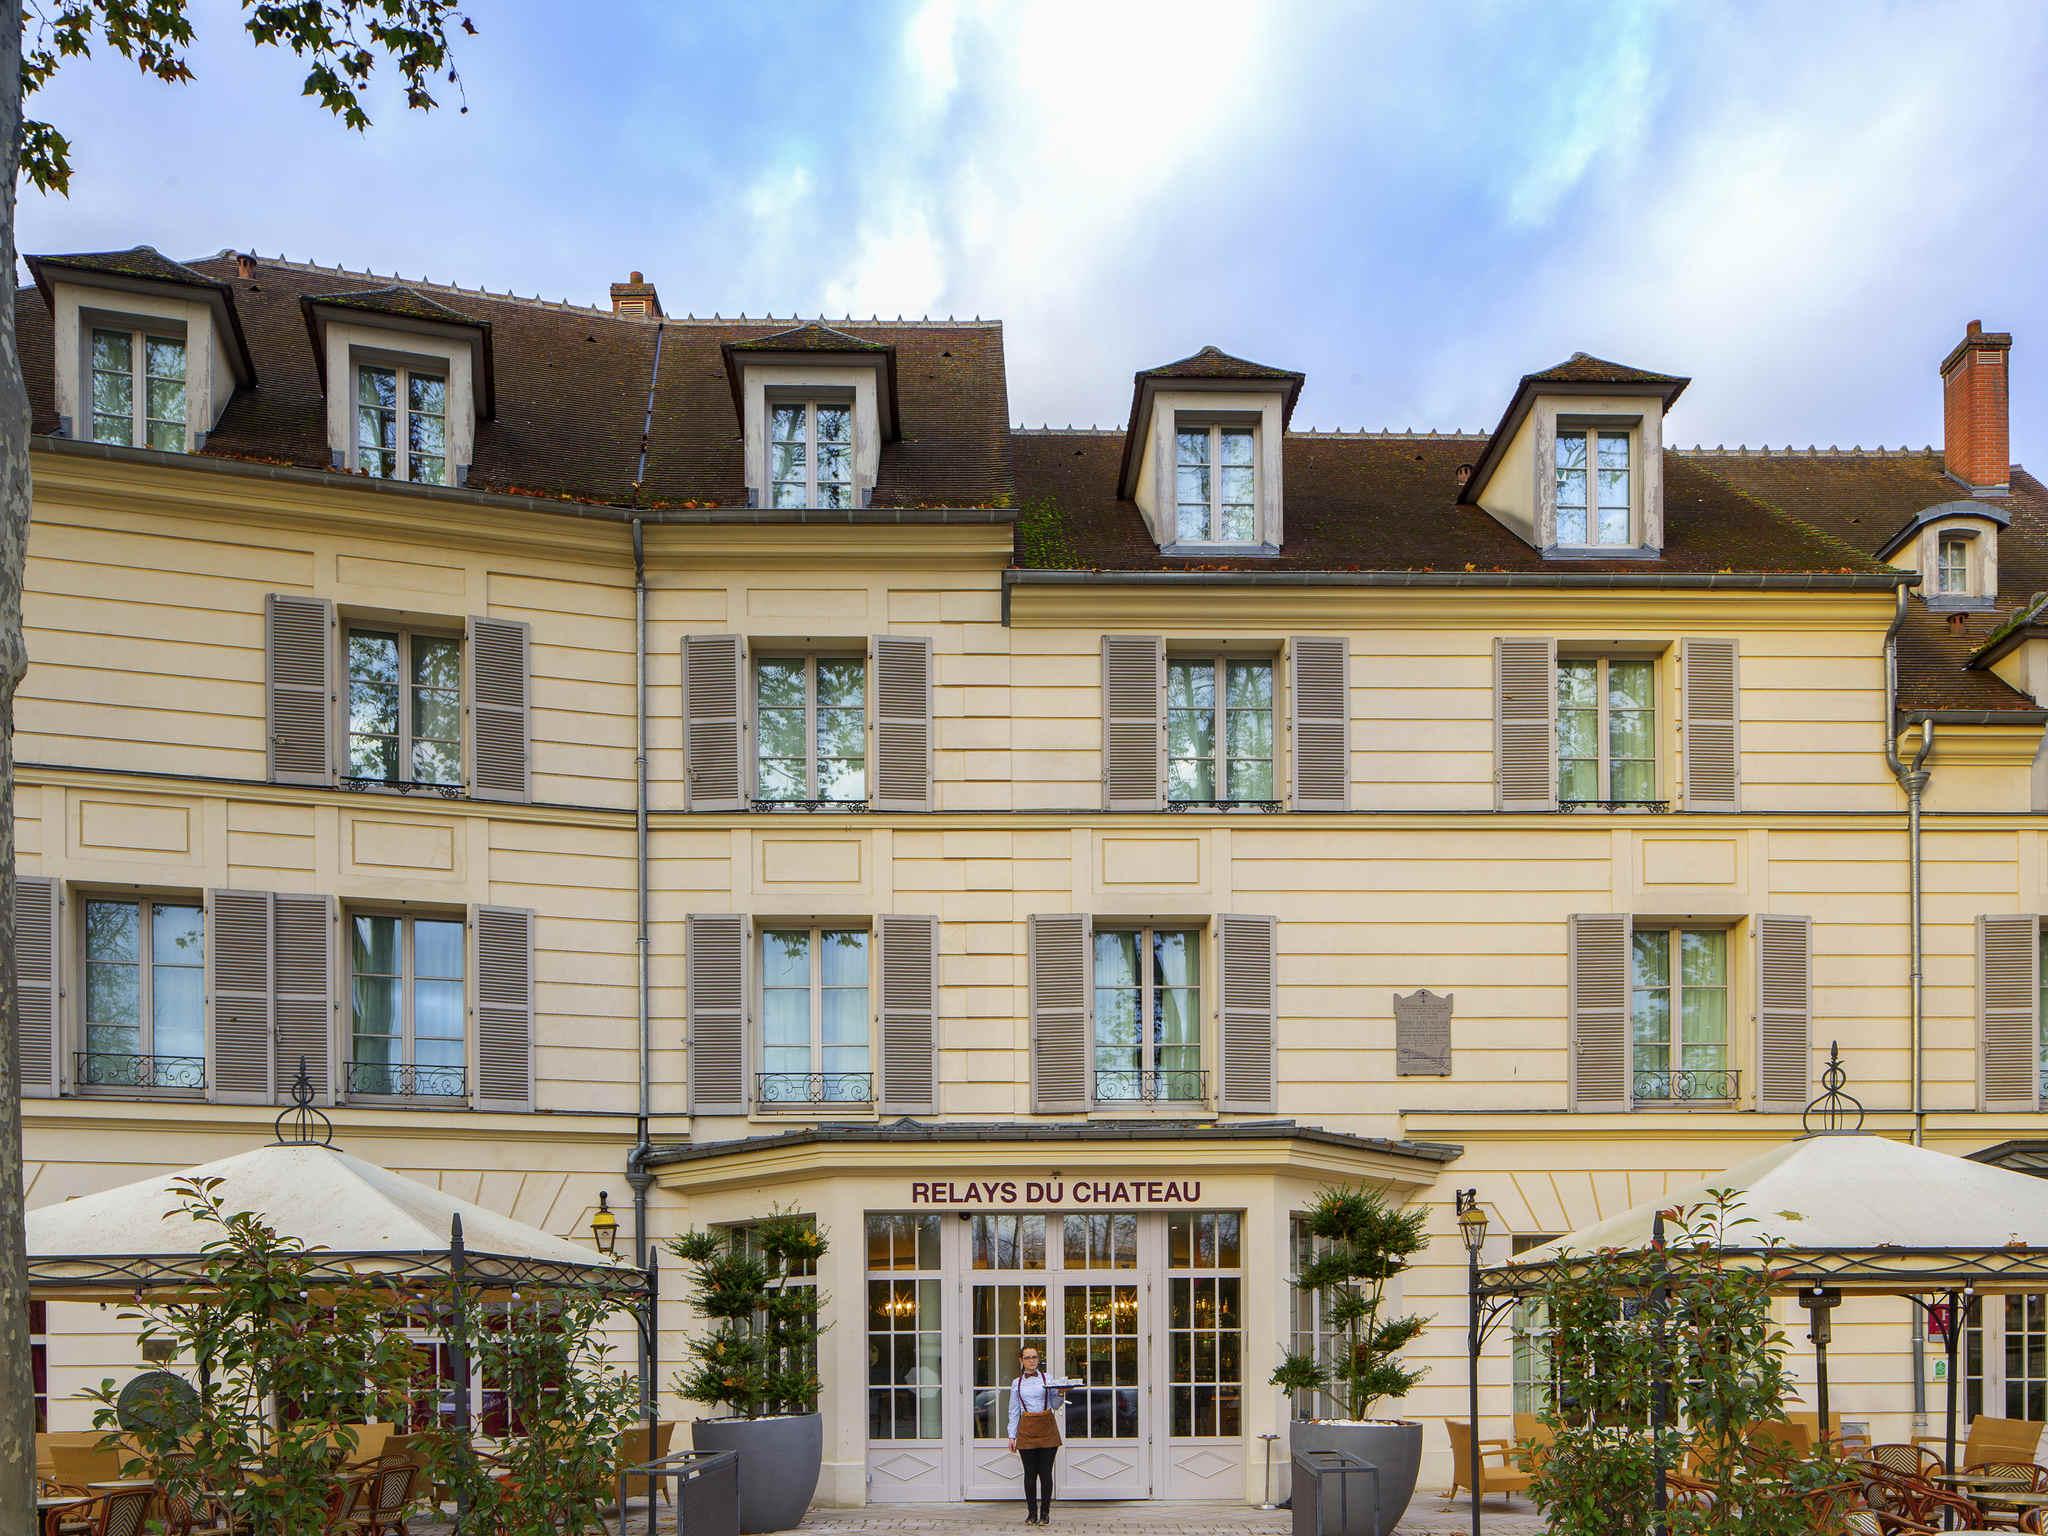 Otel – Hôtel Mercure Rambouillet Relays du Château